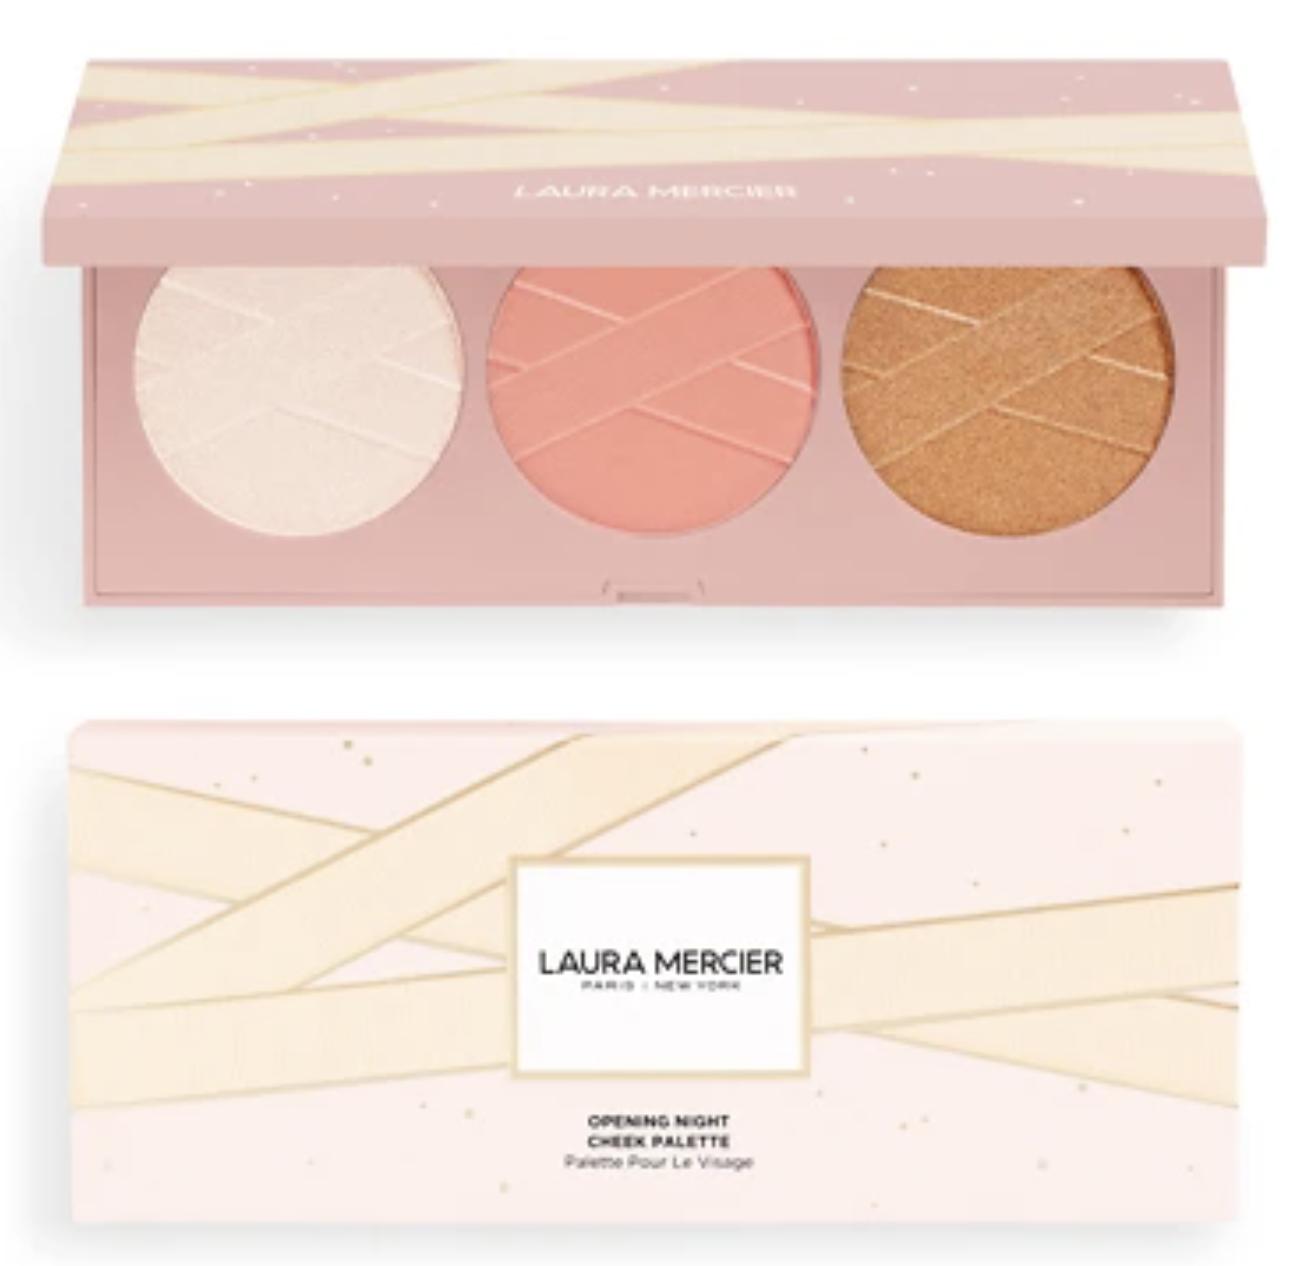 Laura Mercier blush and contour